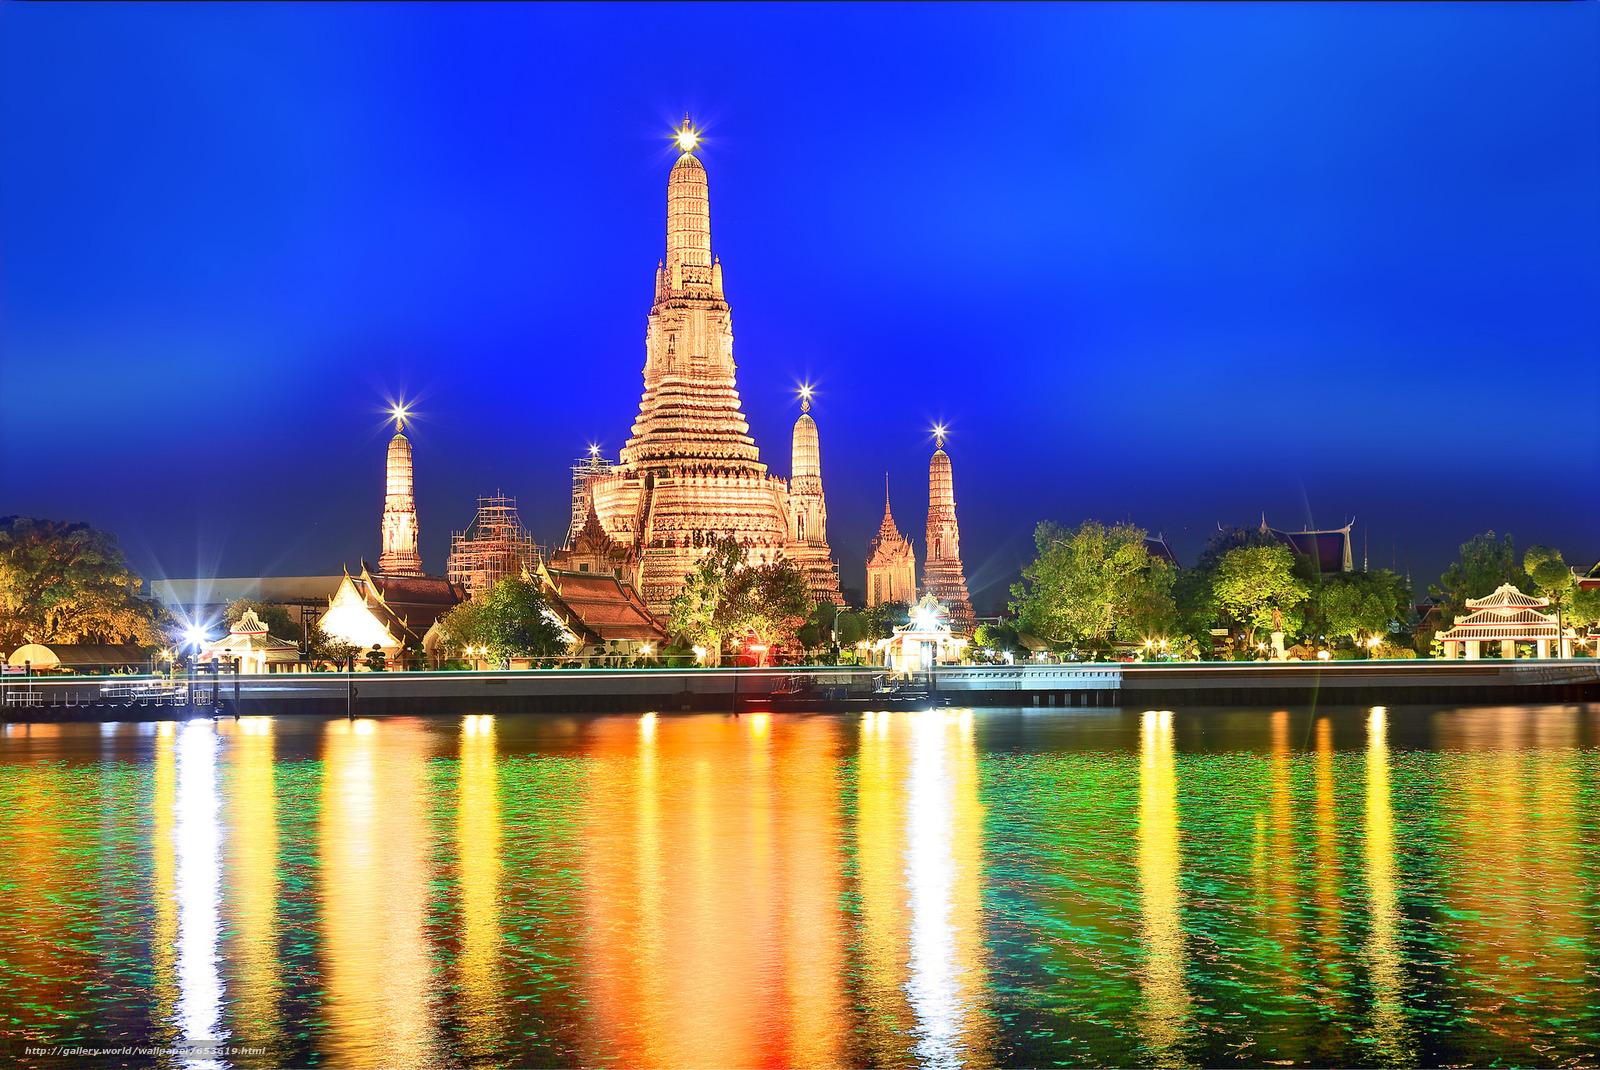 Скачать обои Бангкок,  столица и самый крупный город Таиланда,  Таиланд бесплатно для рабочего стола в разрешении 2048x1369 — картинка №653619